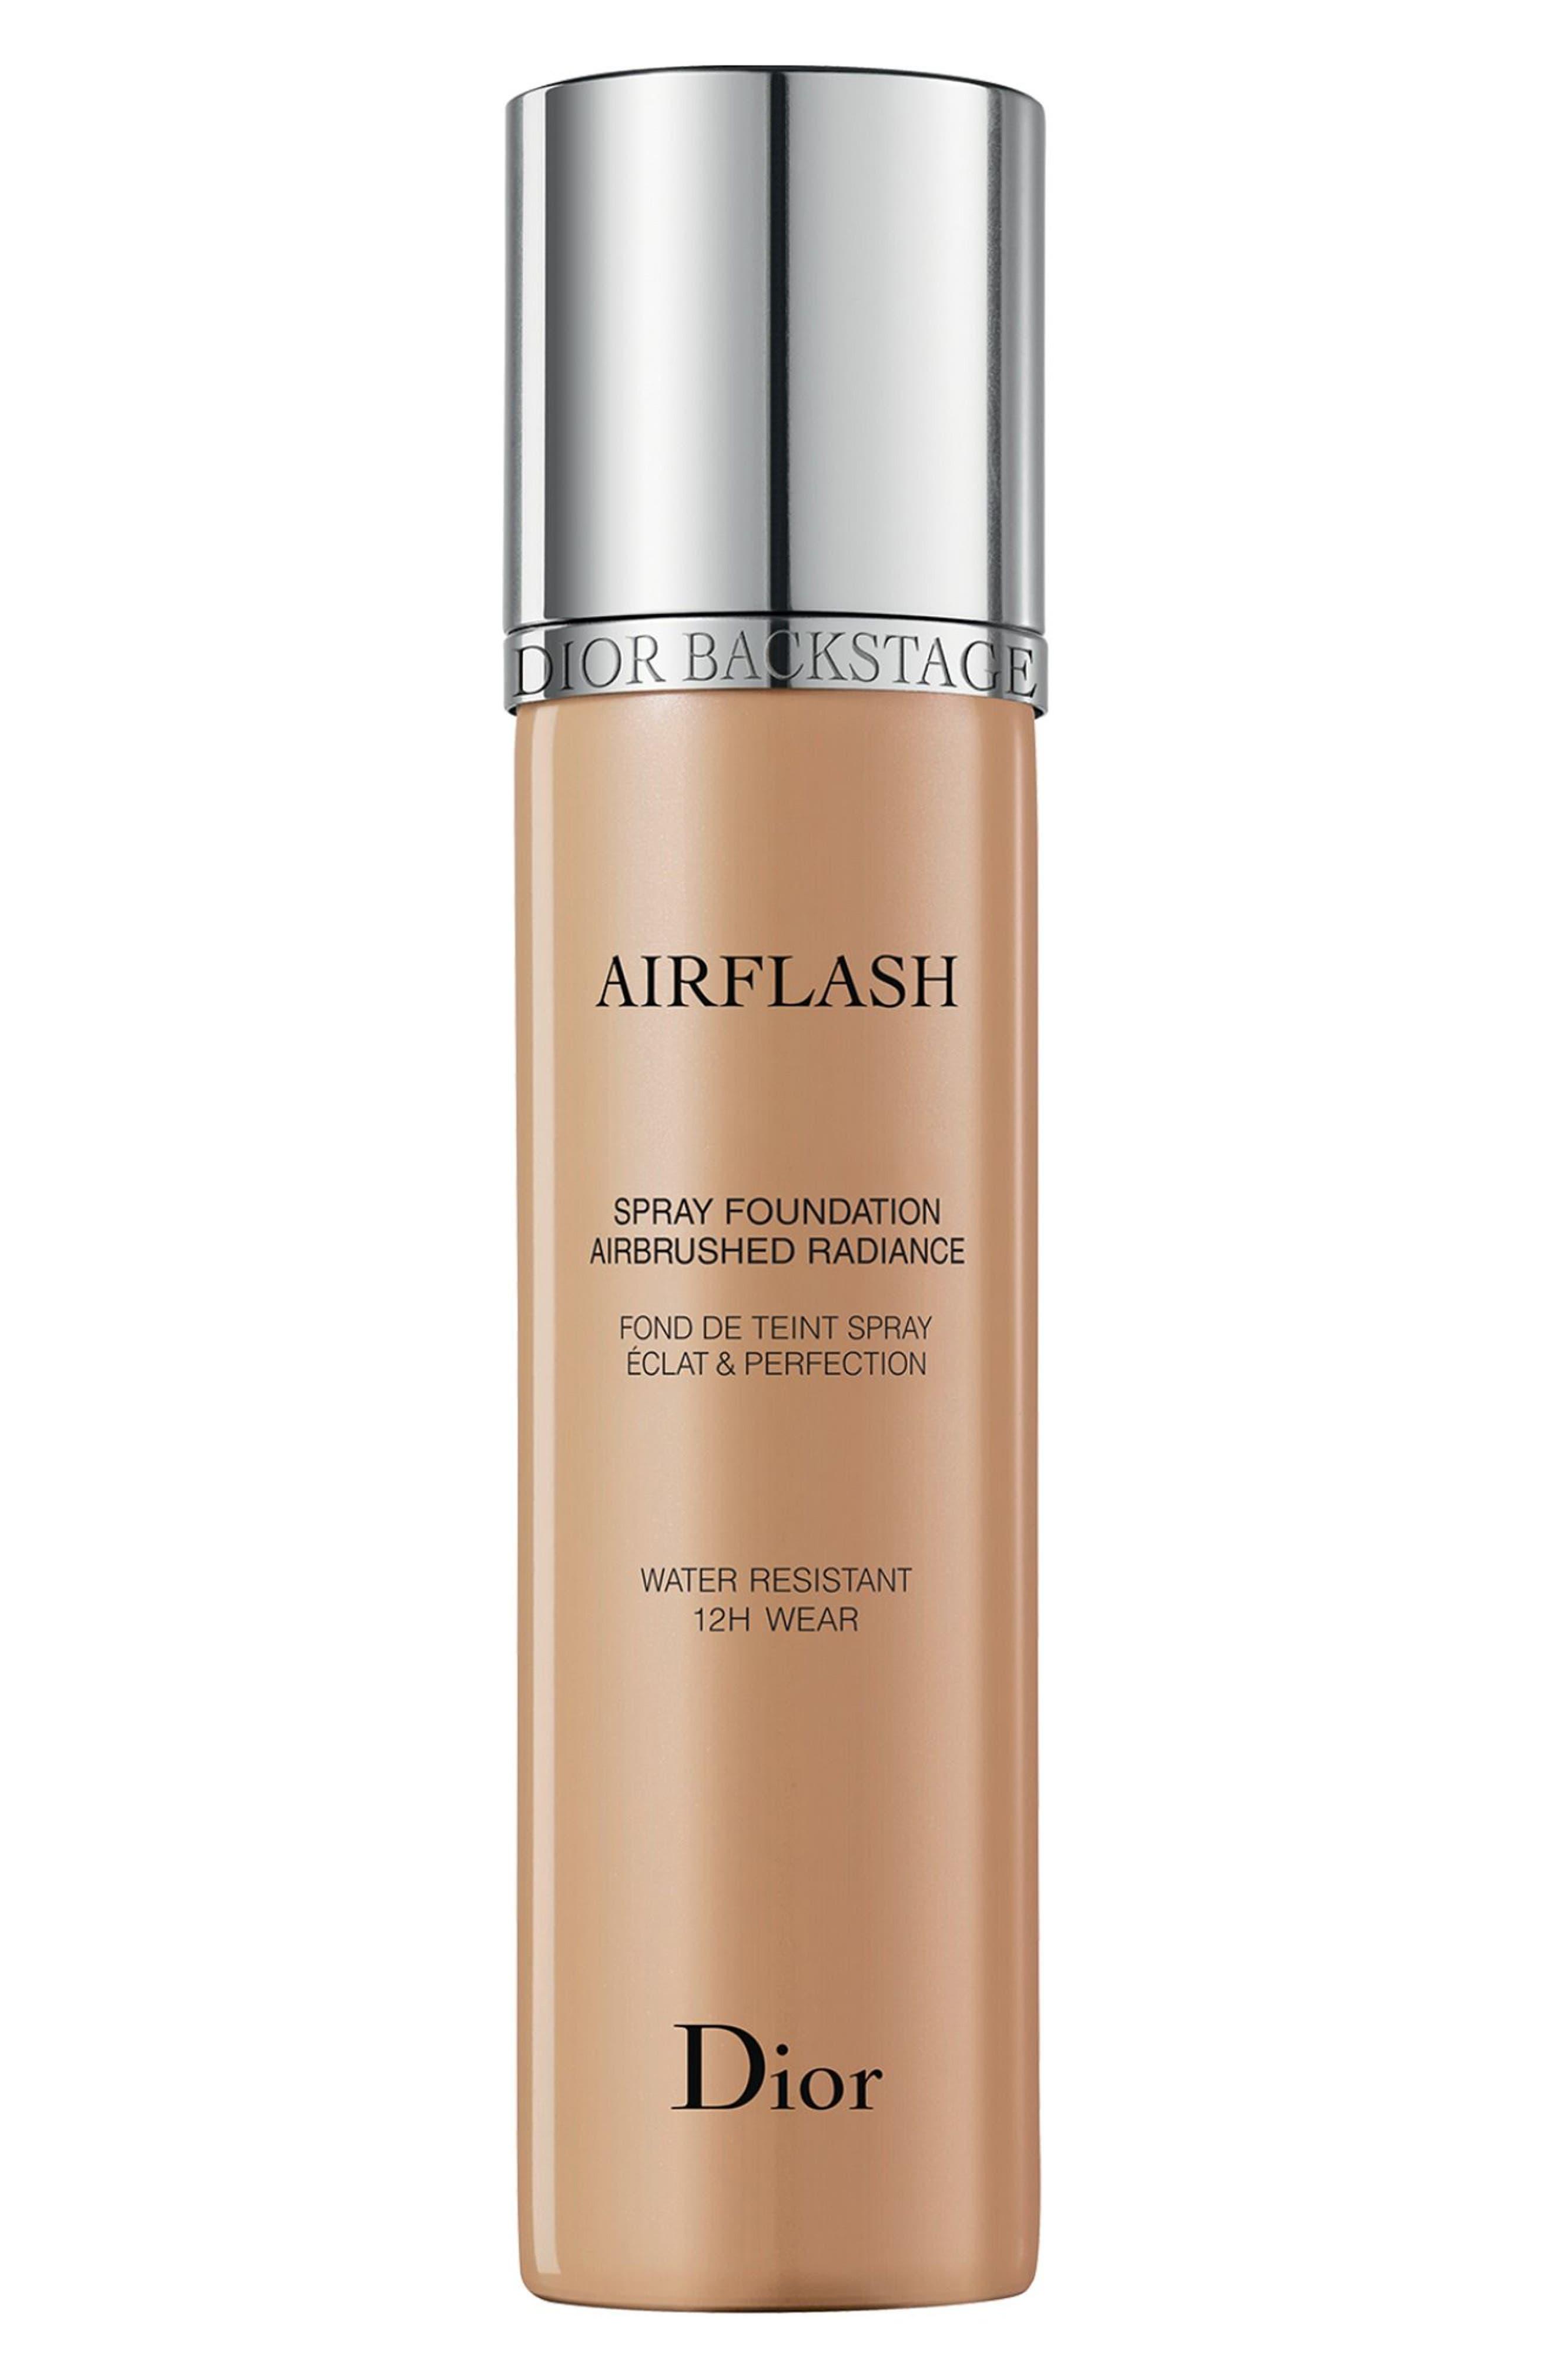 Dior Diorskin Airflash Spray Foundation - 304 Almond Beige